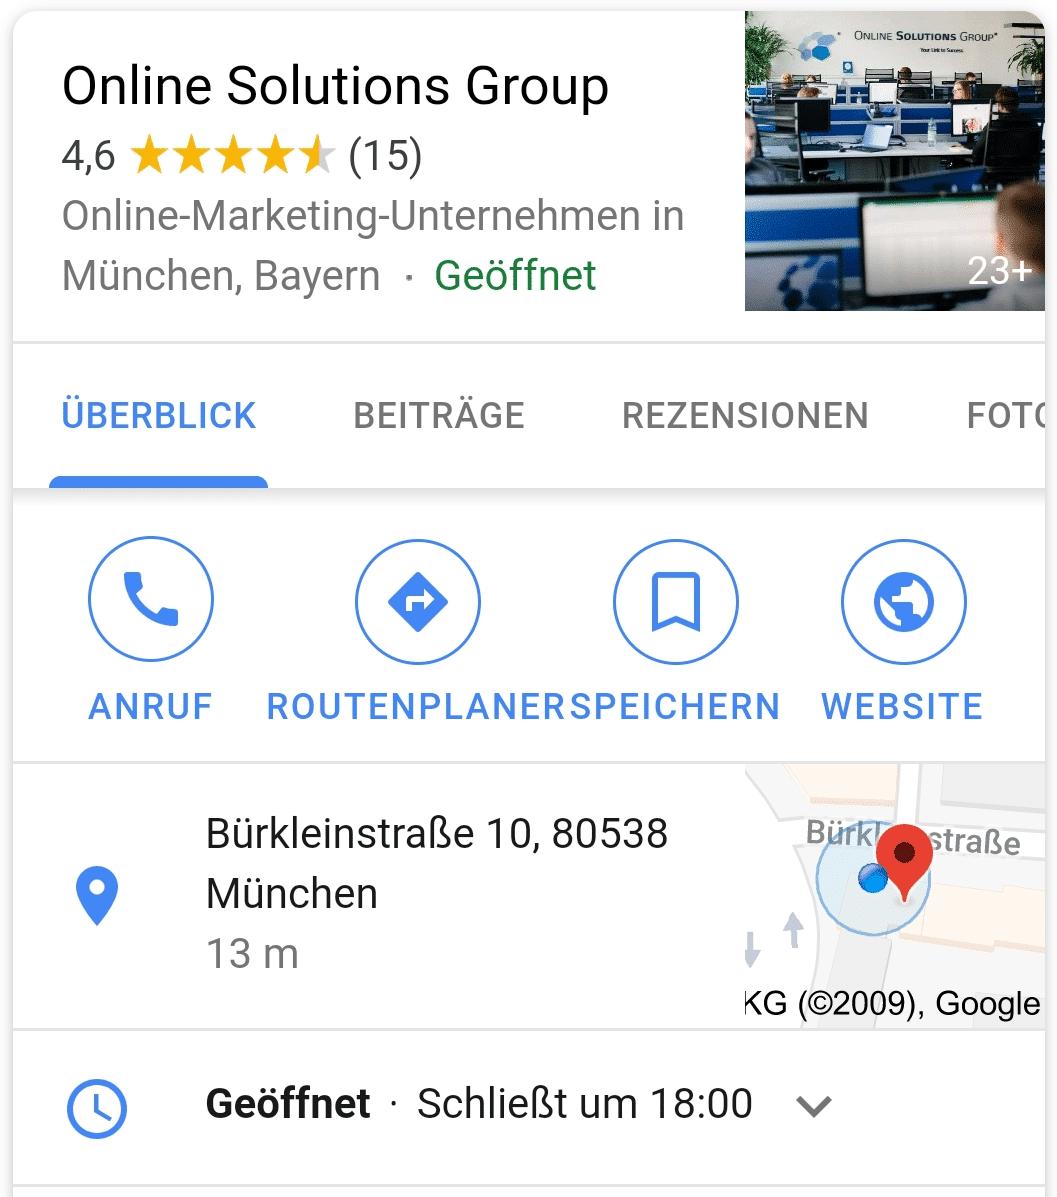 Neues Design für die mobile Suche nach lokalen Geschäften